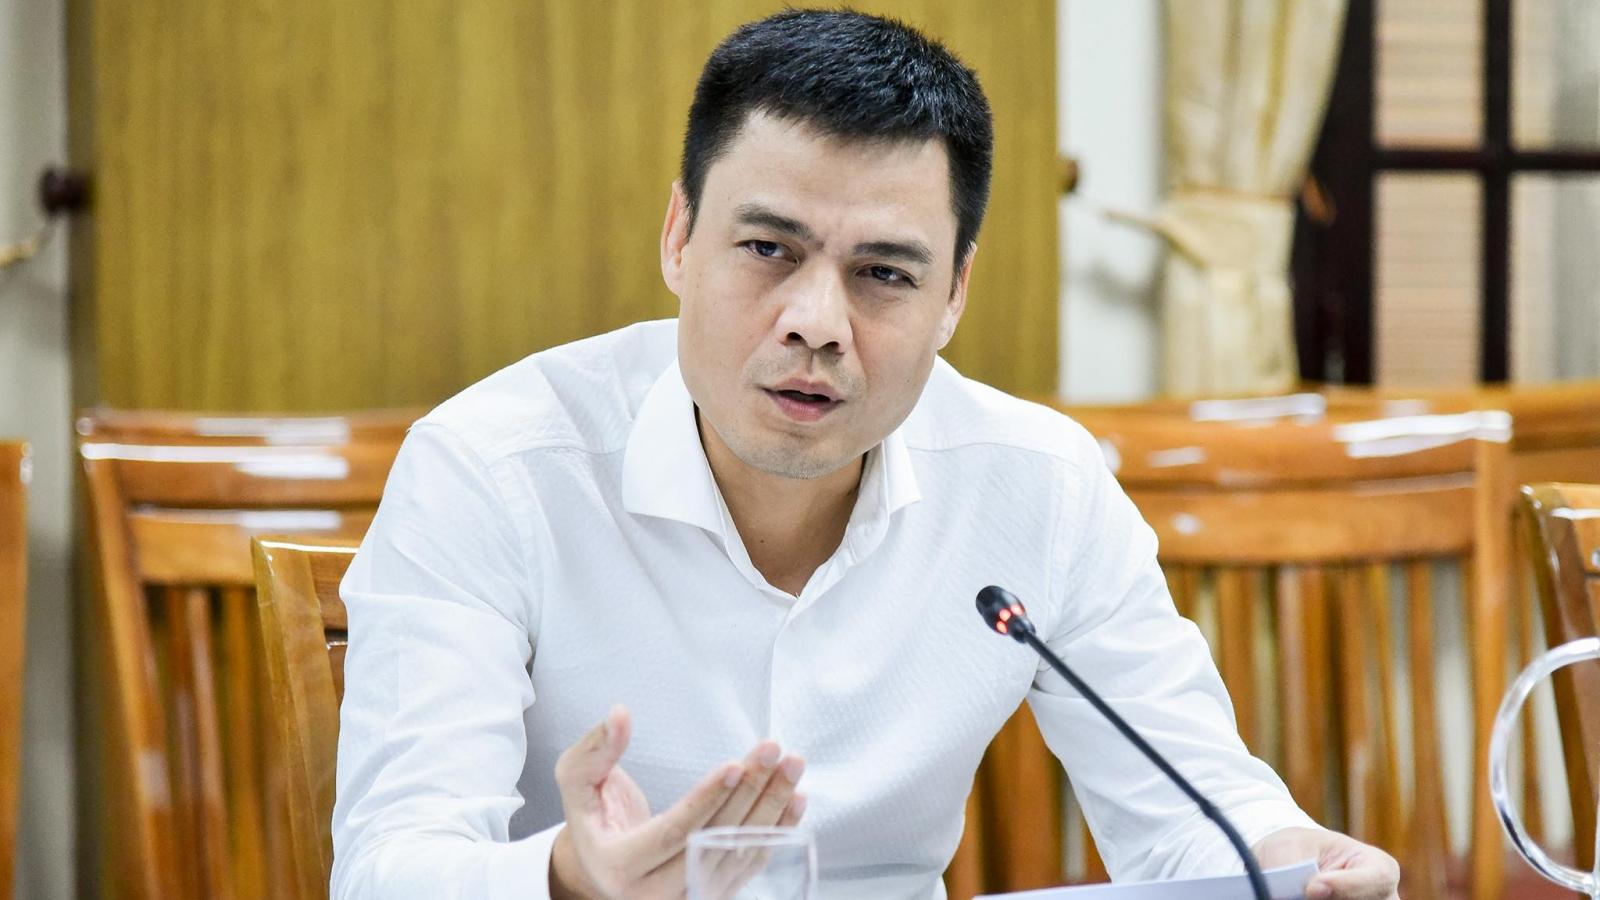 Việt Nam triển khai nhiệm vụ tại Hội đồng Bảo an trong 6 tháng cuổi năm 2021